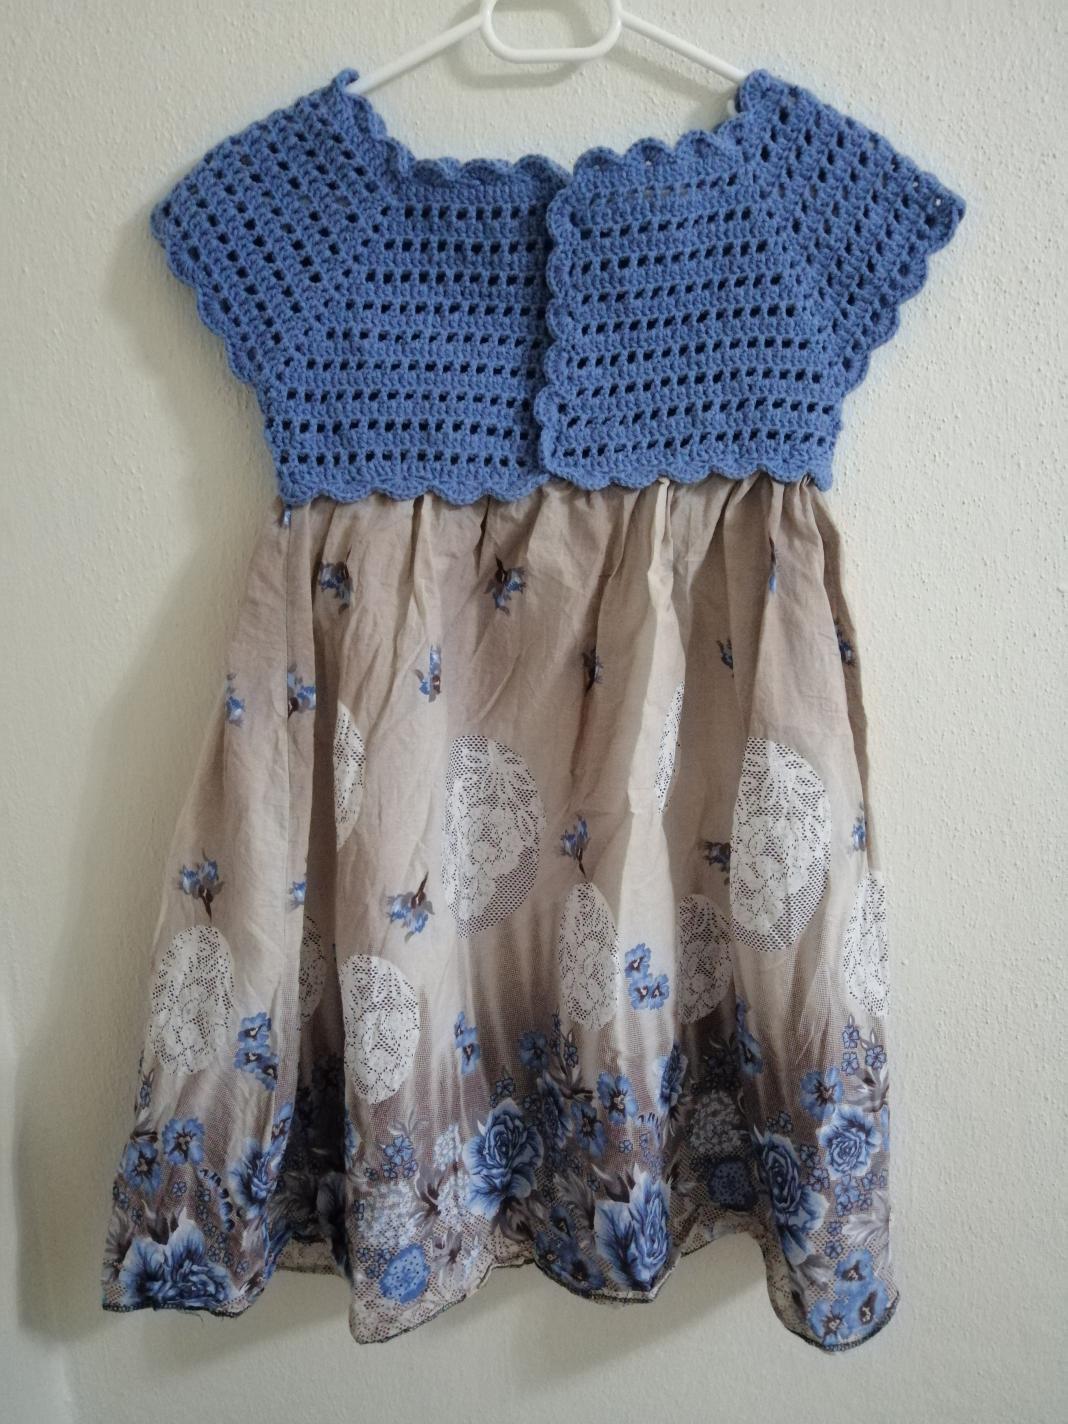 orgu-robali-kumas-cocuk-elbisesi-yapimi